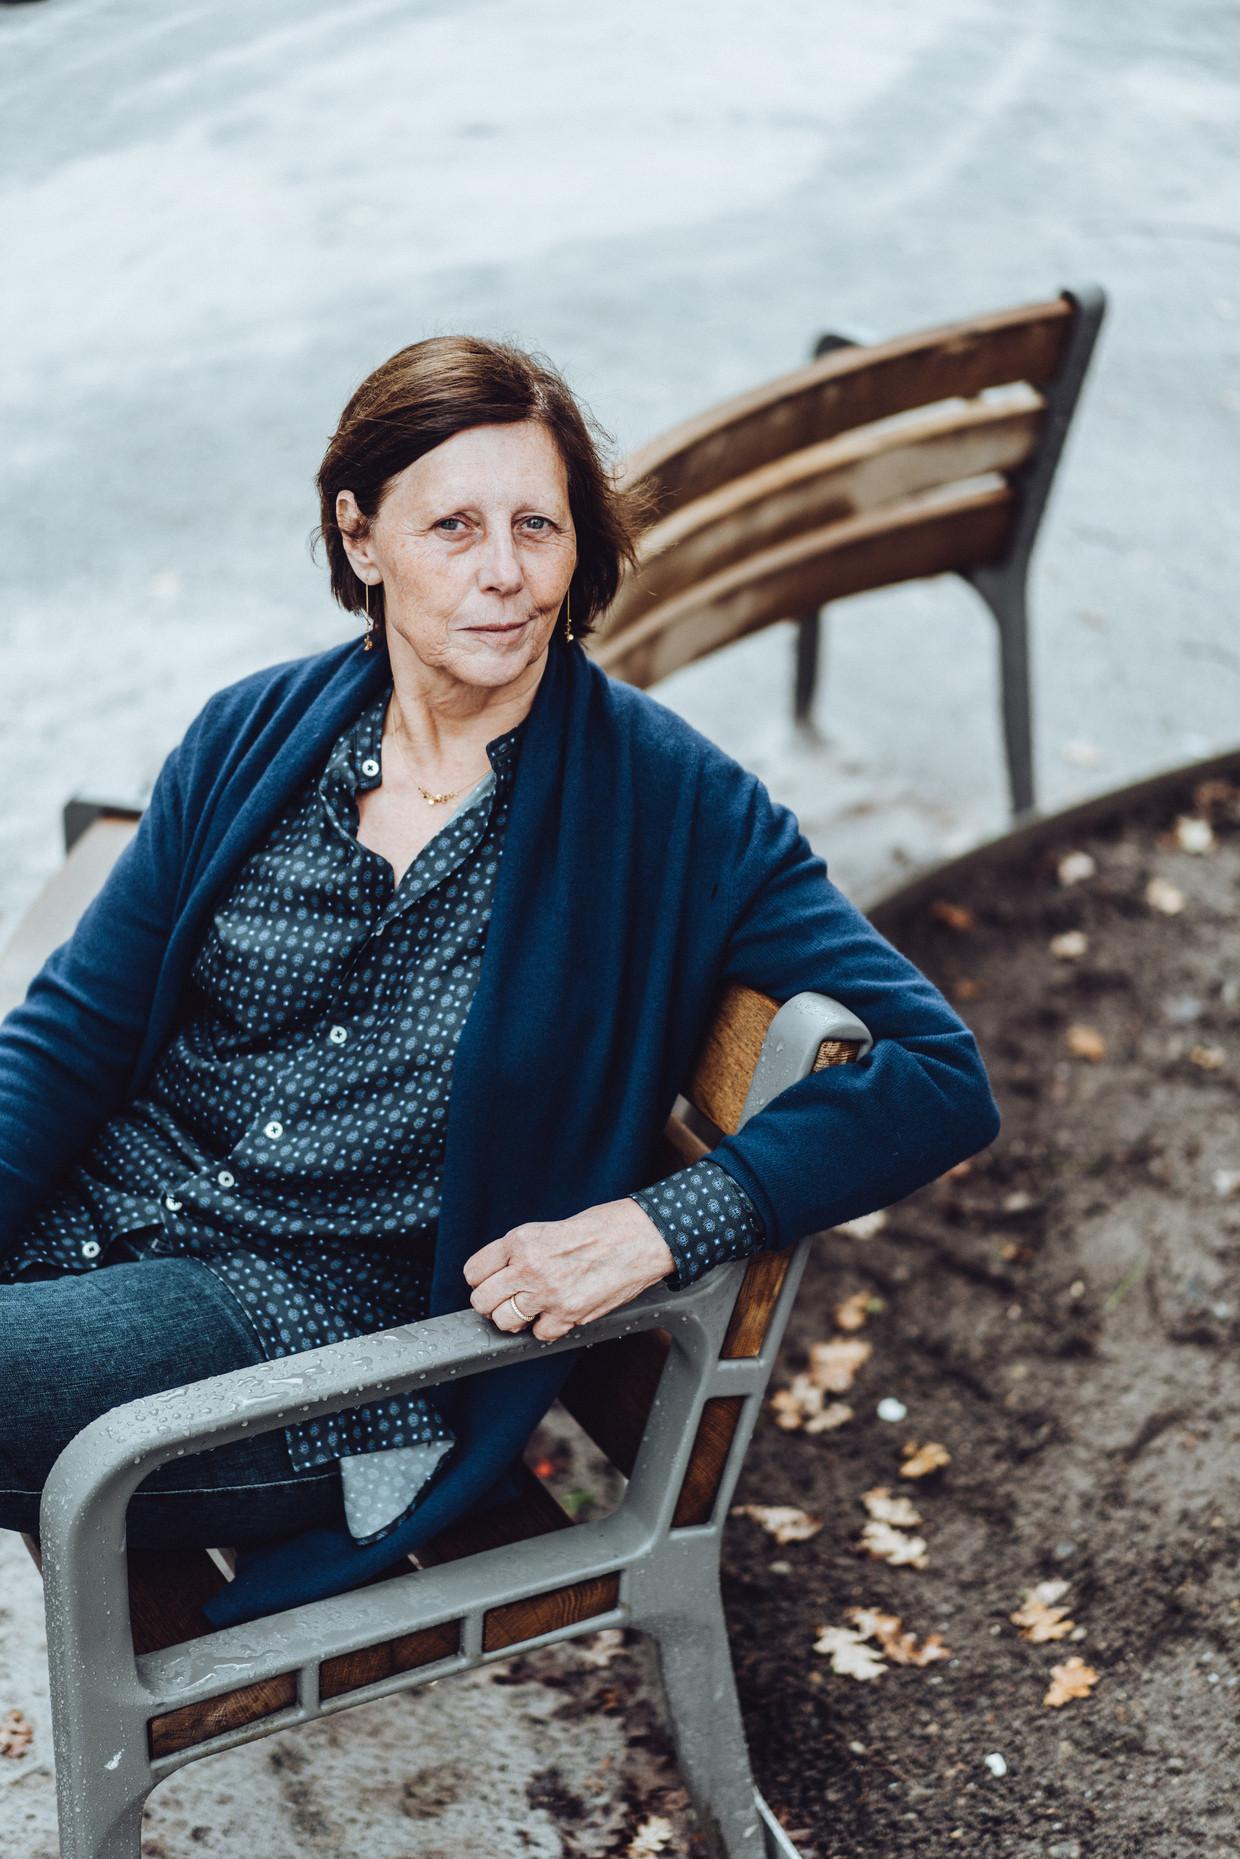 Ingrid De Jonghe: 'Als advocaat was ik heel hevig; als therapeut ben ik mild. Al ben ik geen softie, maar eerder een ijzeren hand in een fluwelen handschoen.' Beeld Thomas Sweertvaegher